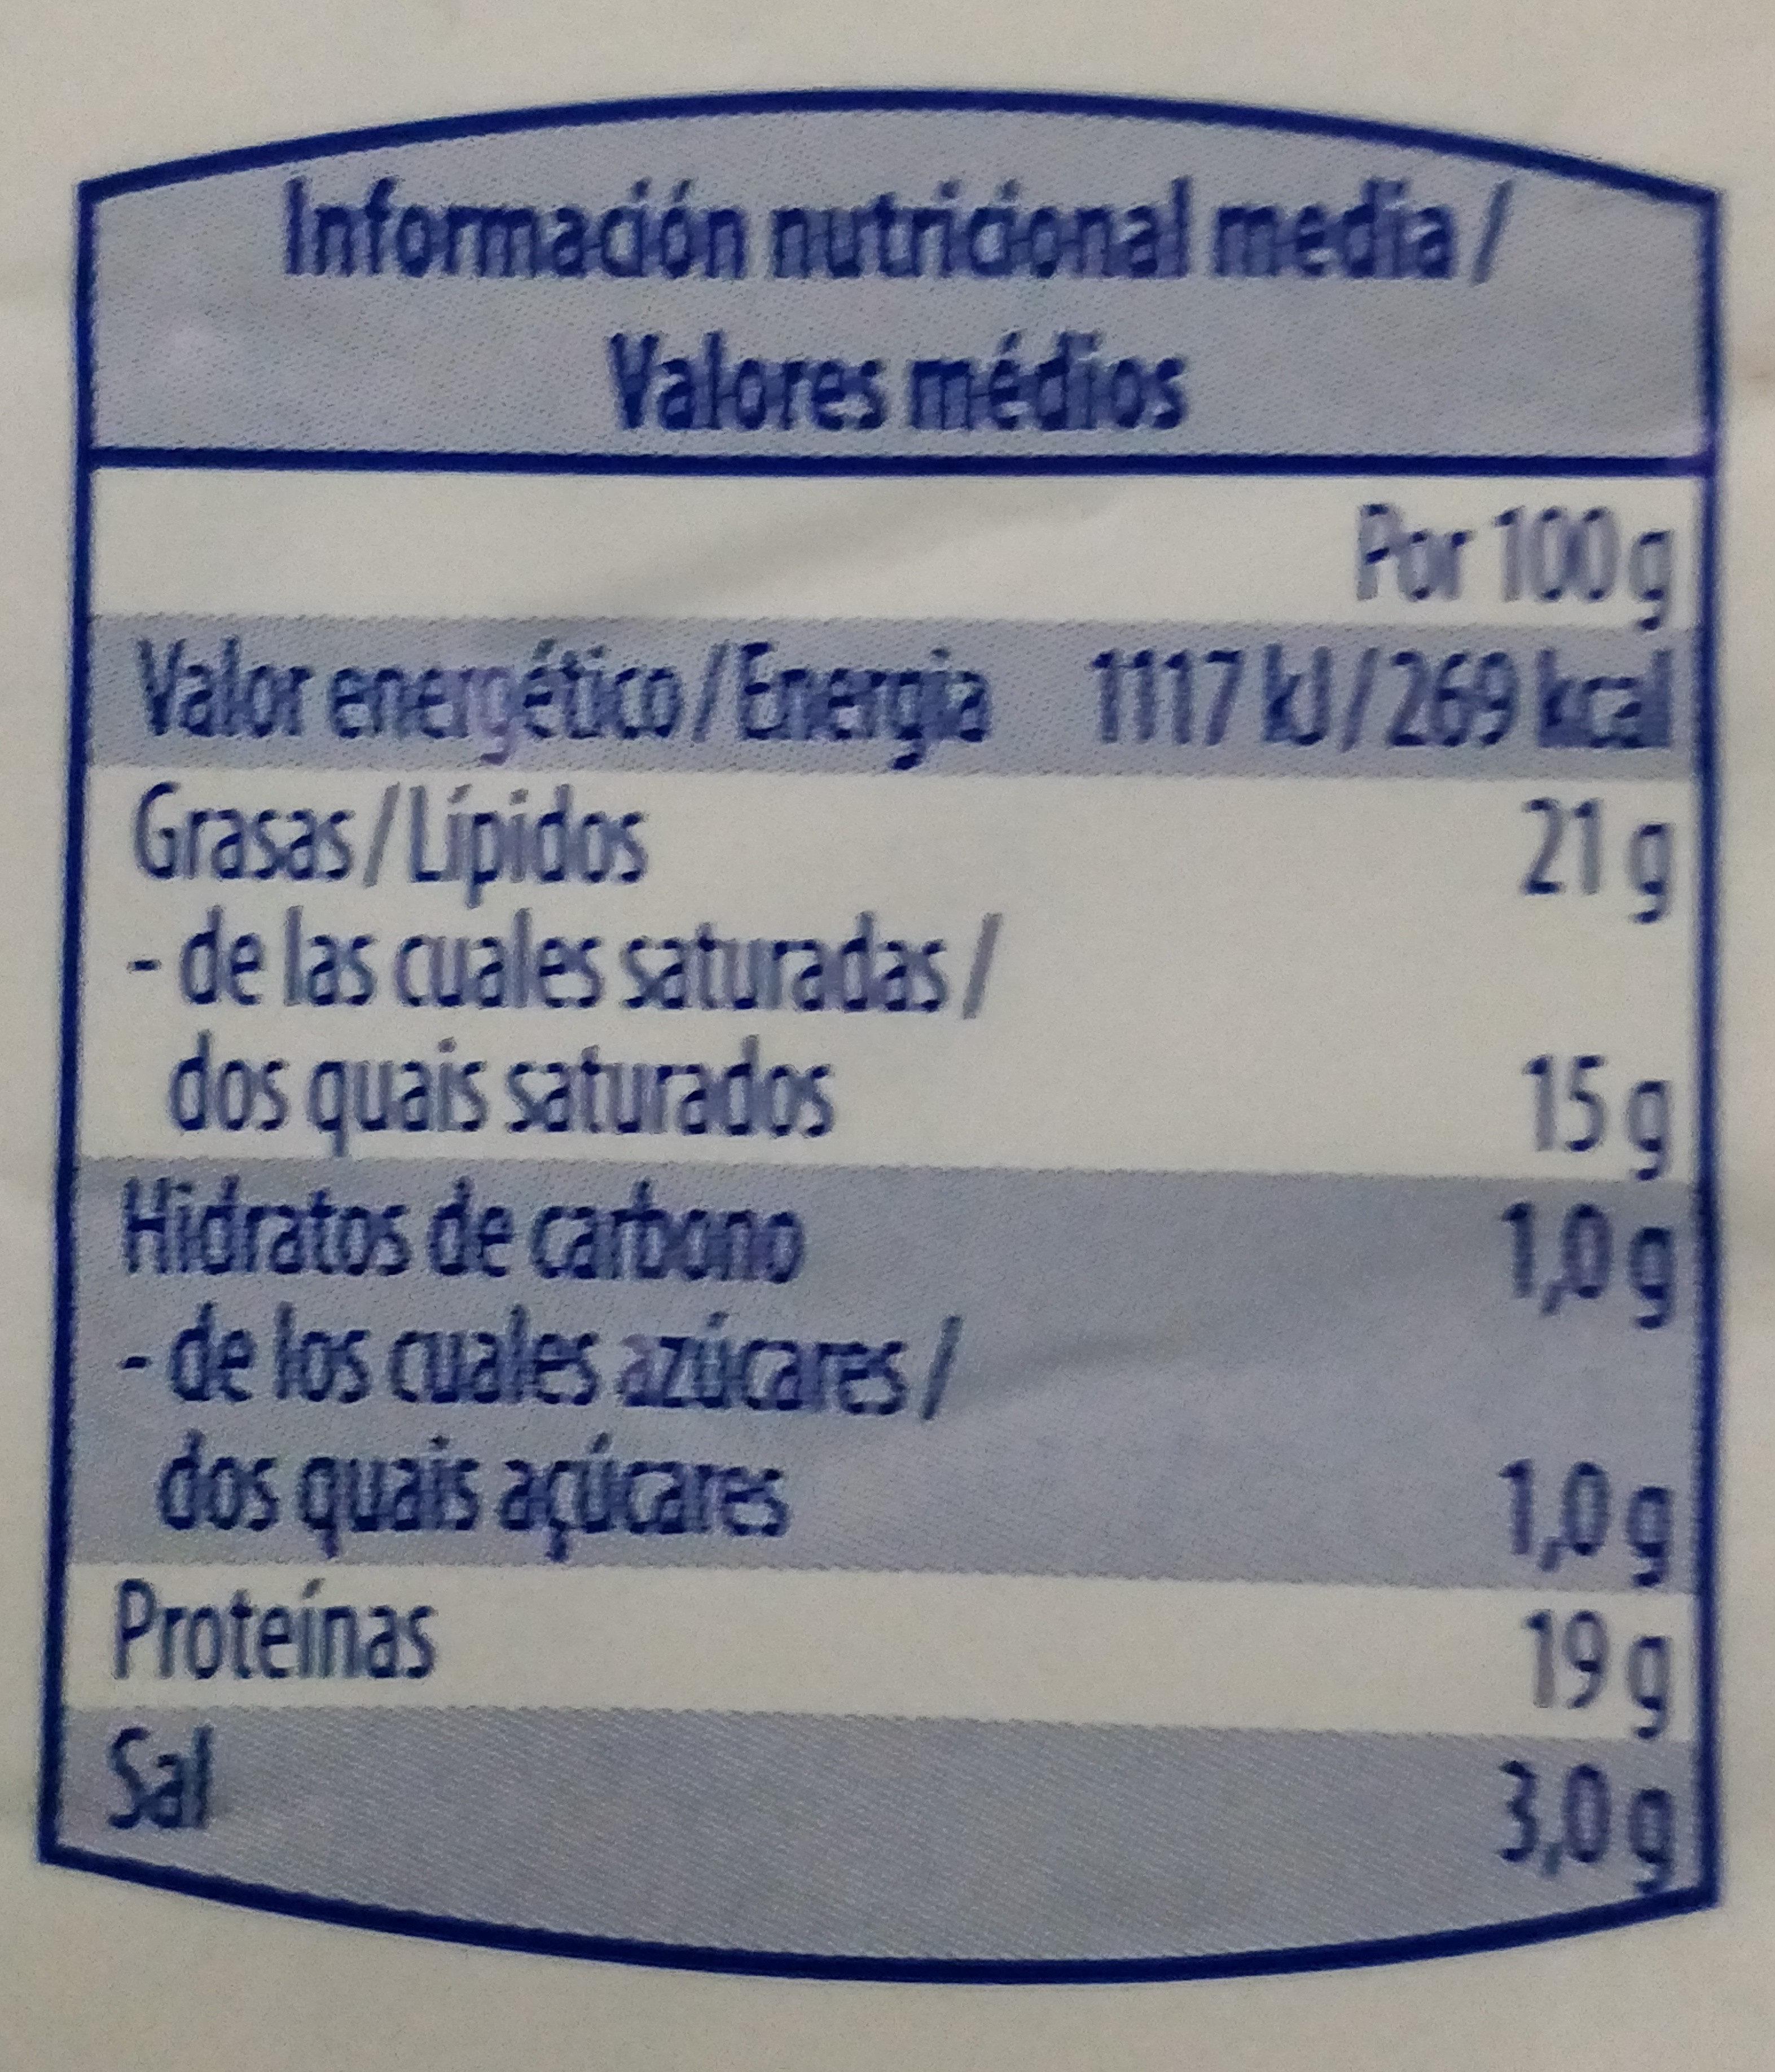 Queso madurado - Información nutricional